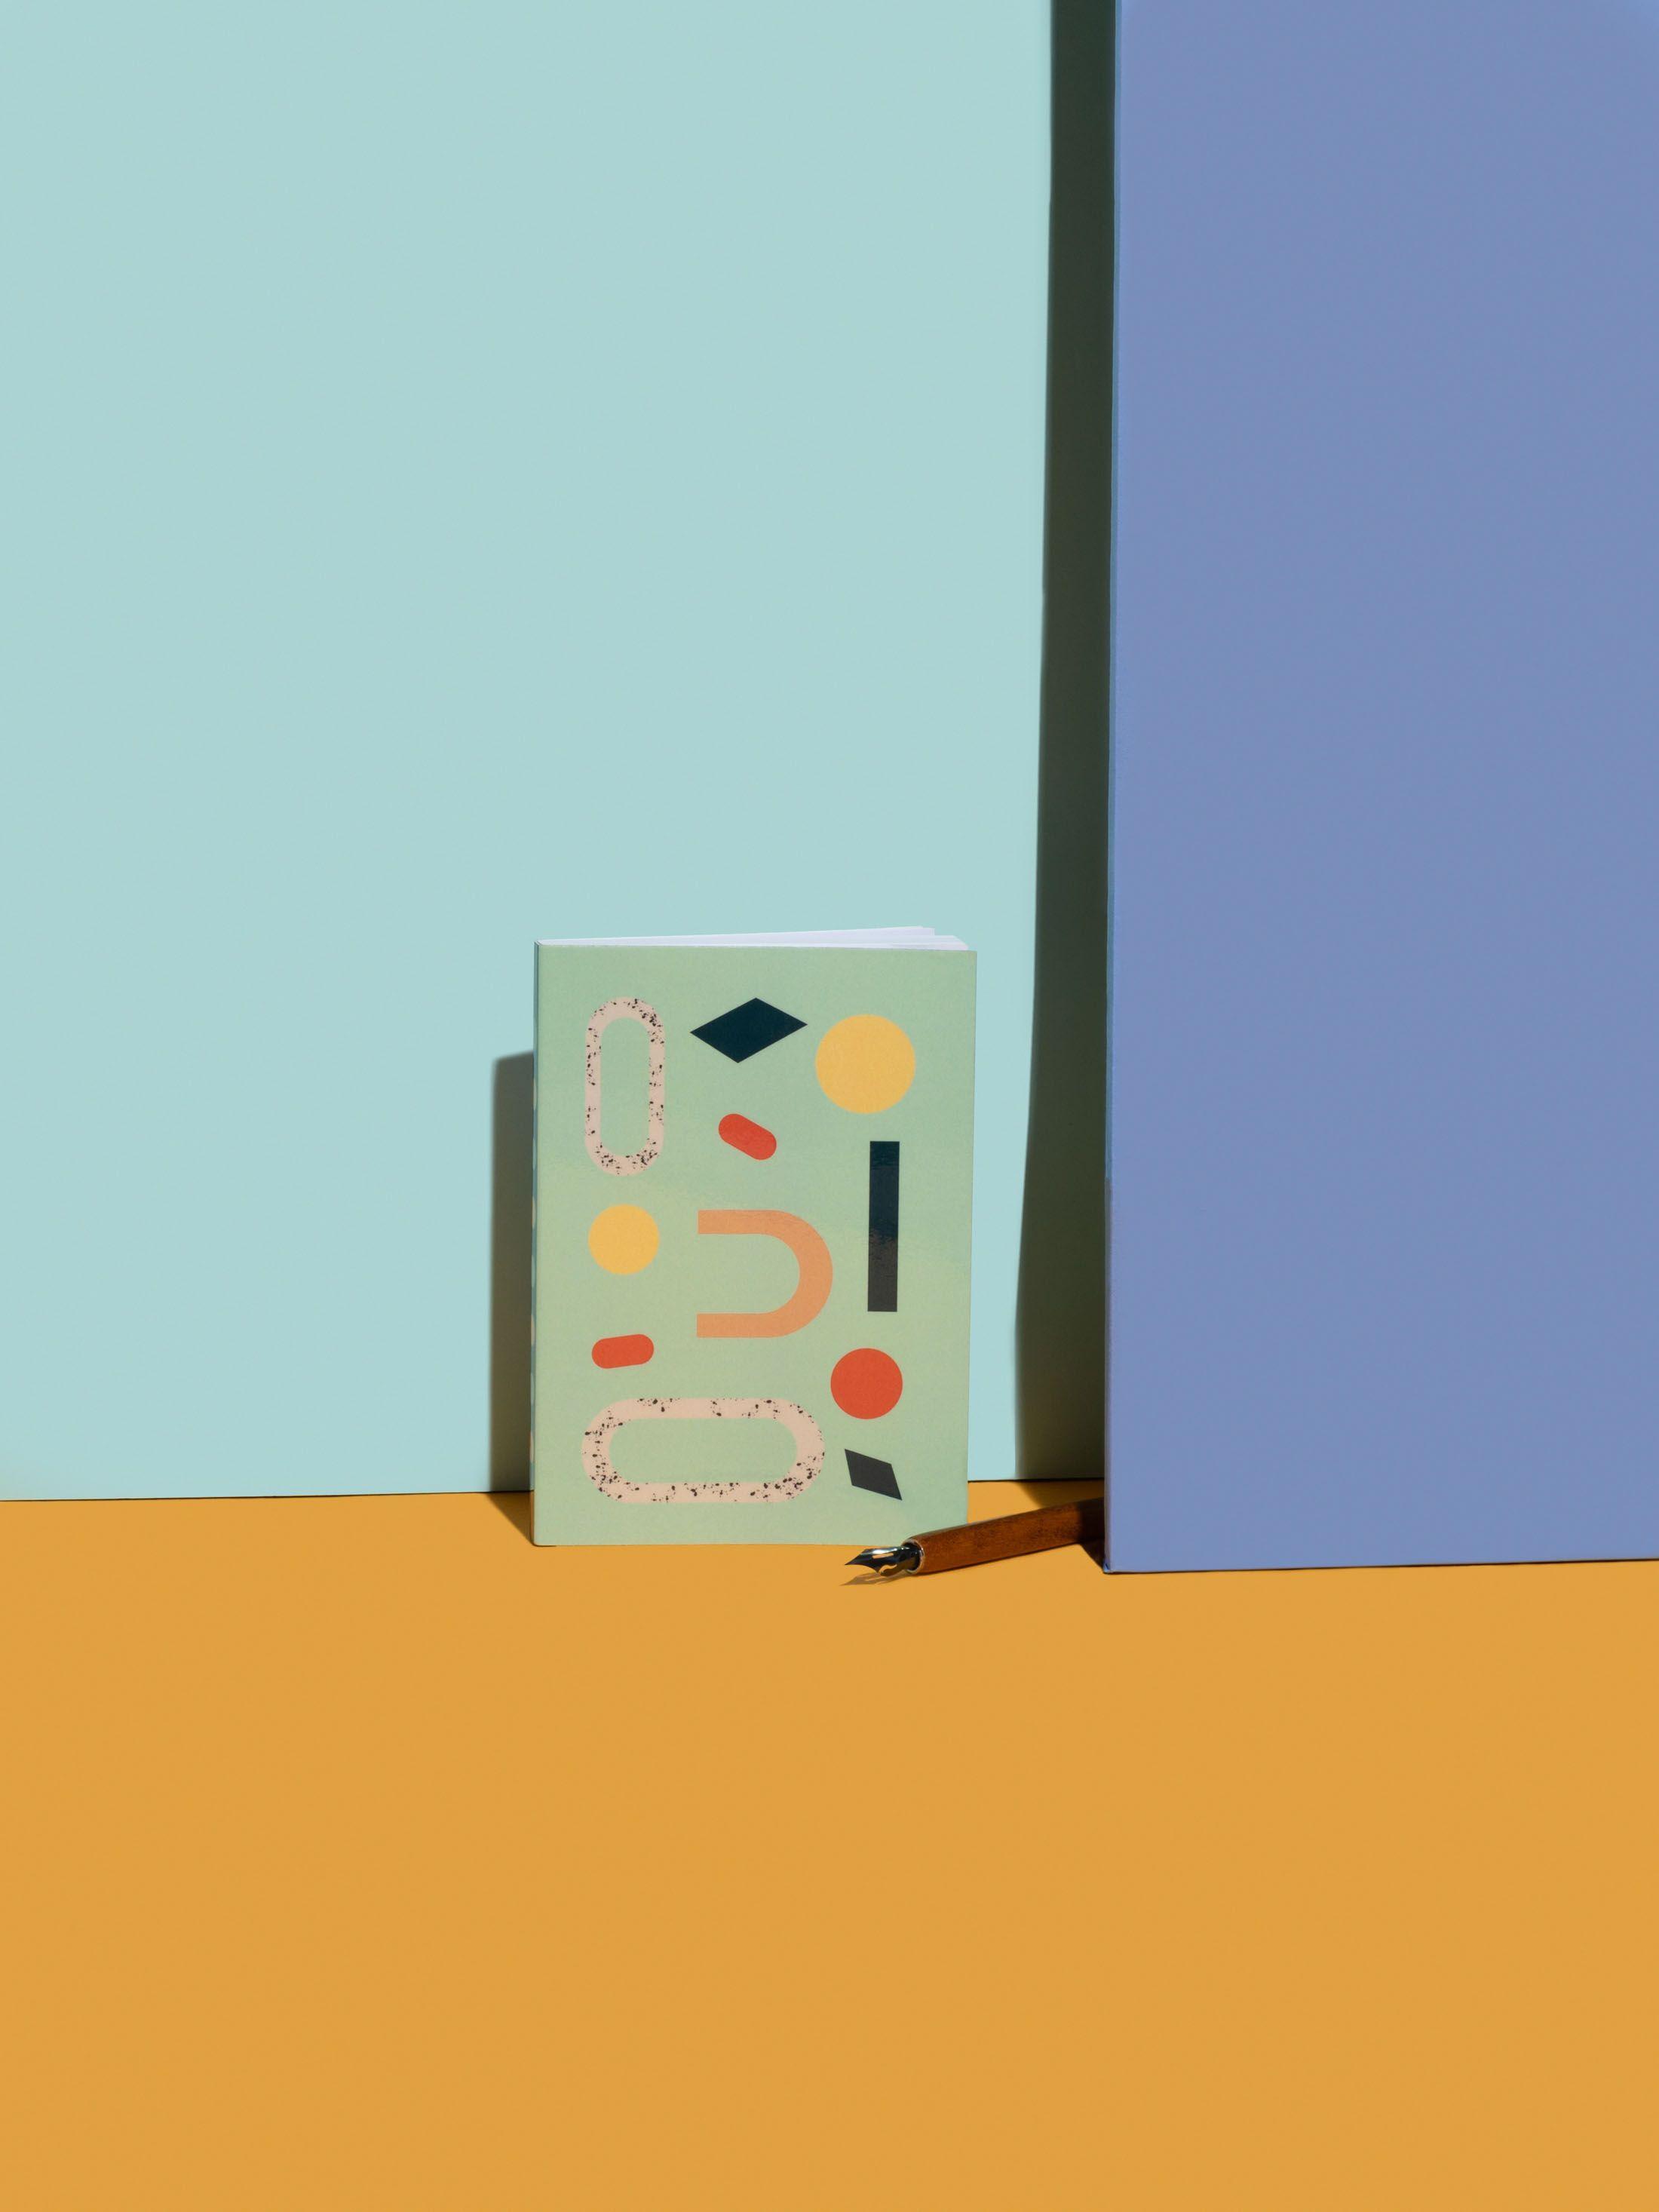 Carnet de dessin personnalisé avec design abstrait